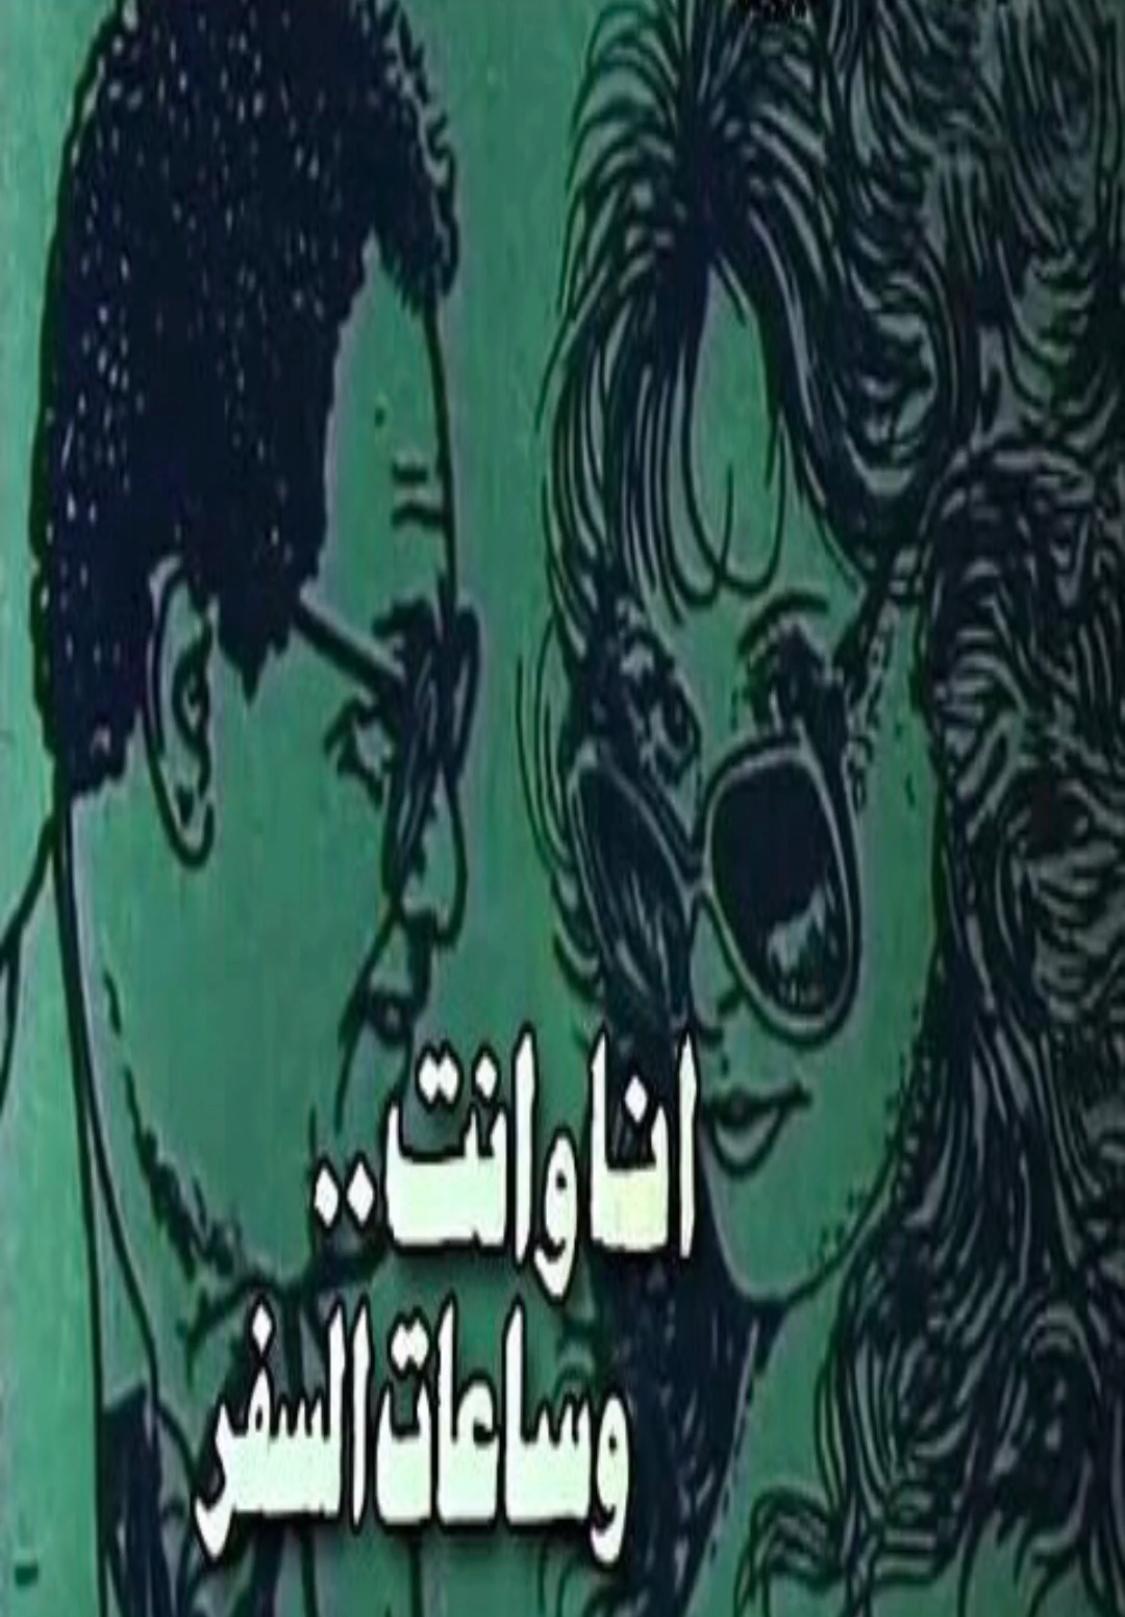 Ana Wenty Wa Sa'at Alsafar ((1988))